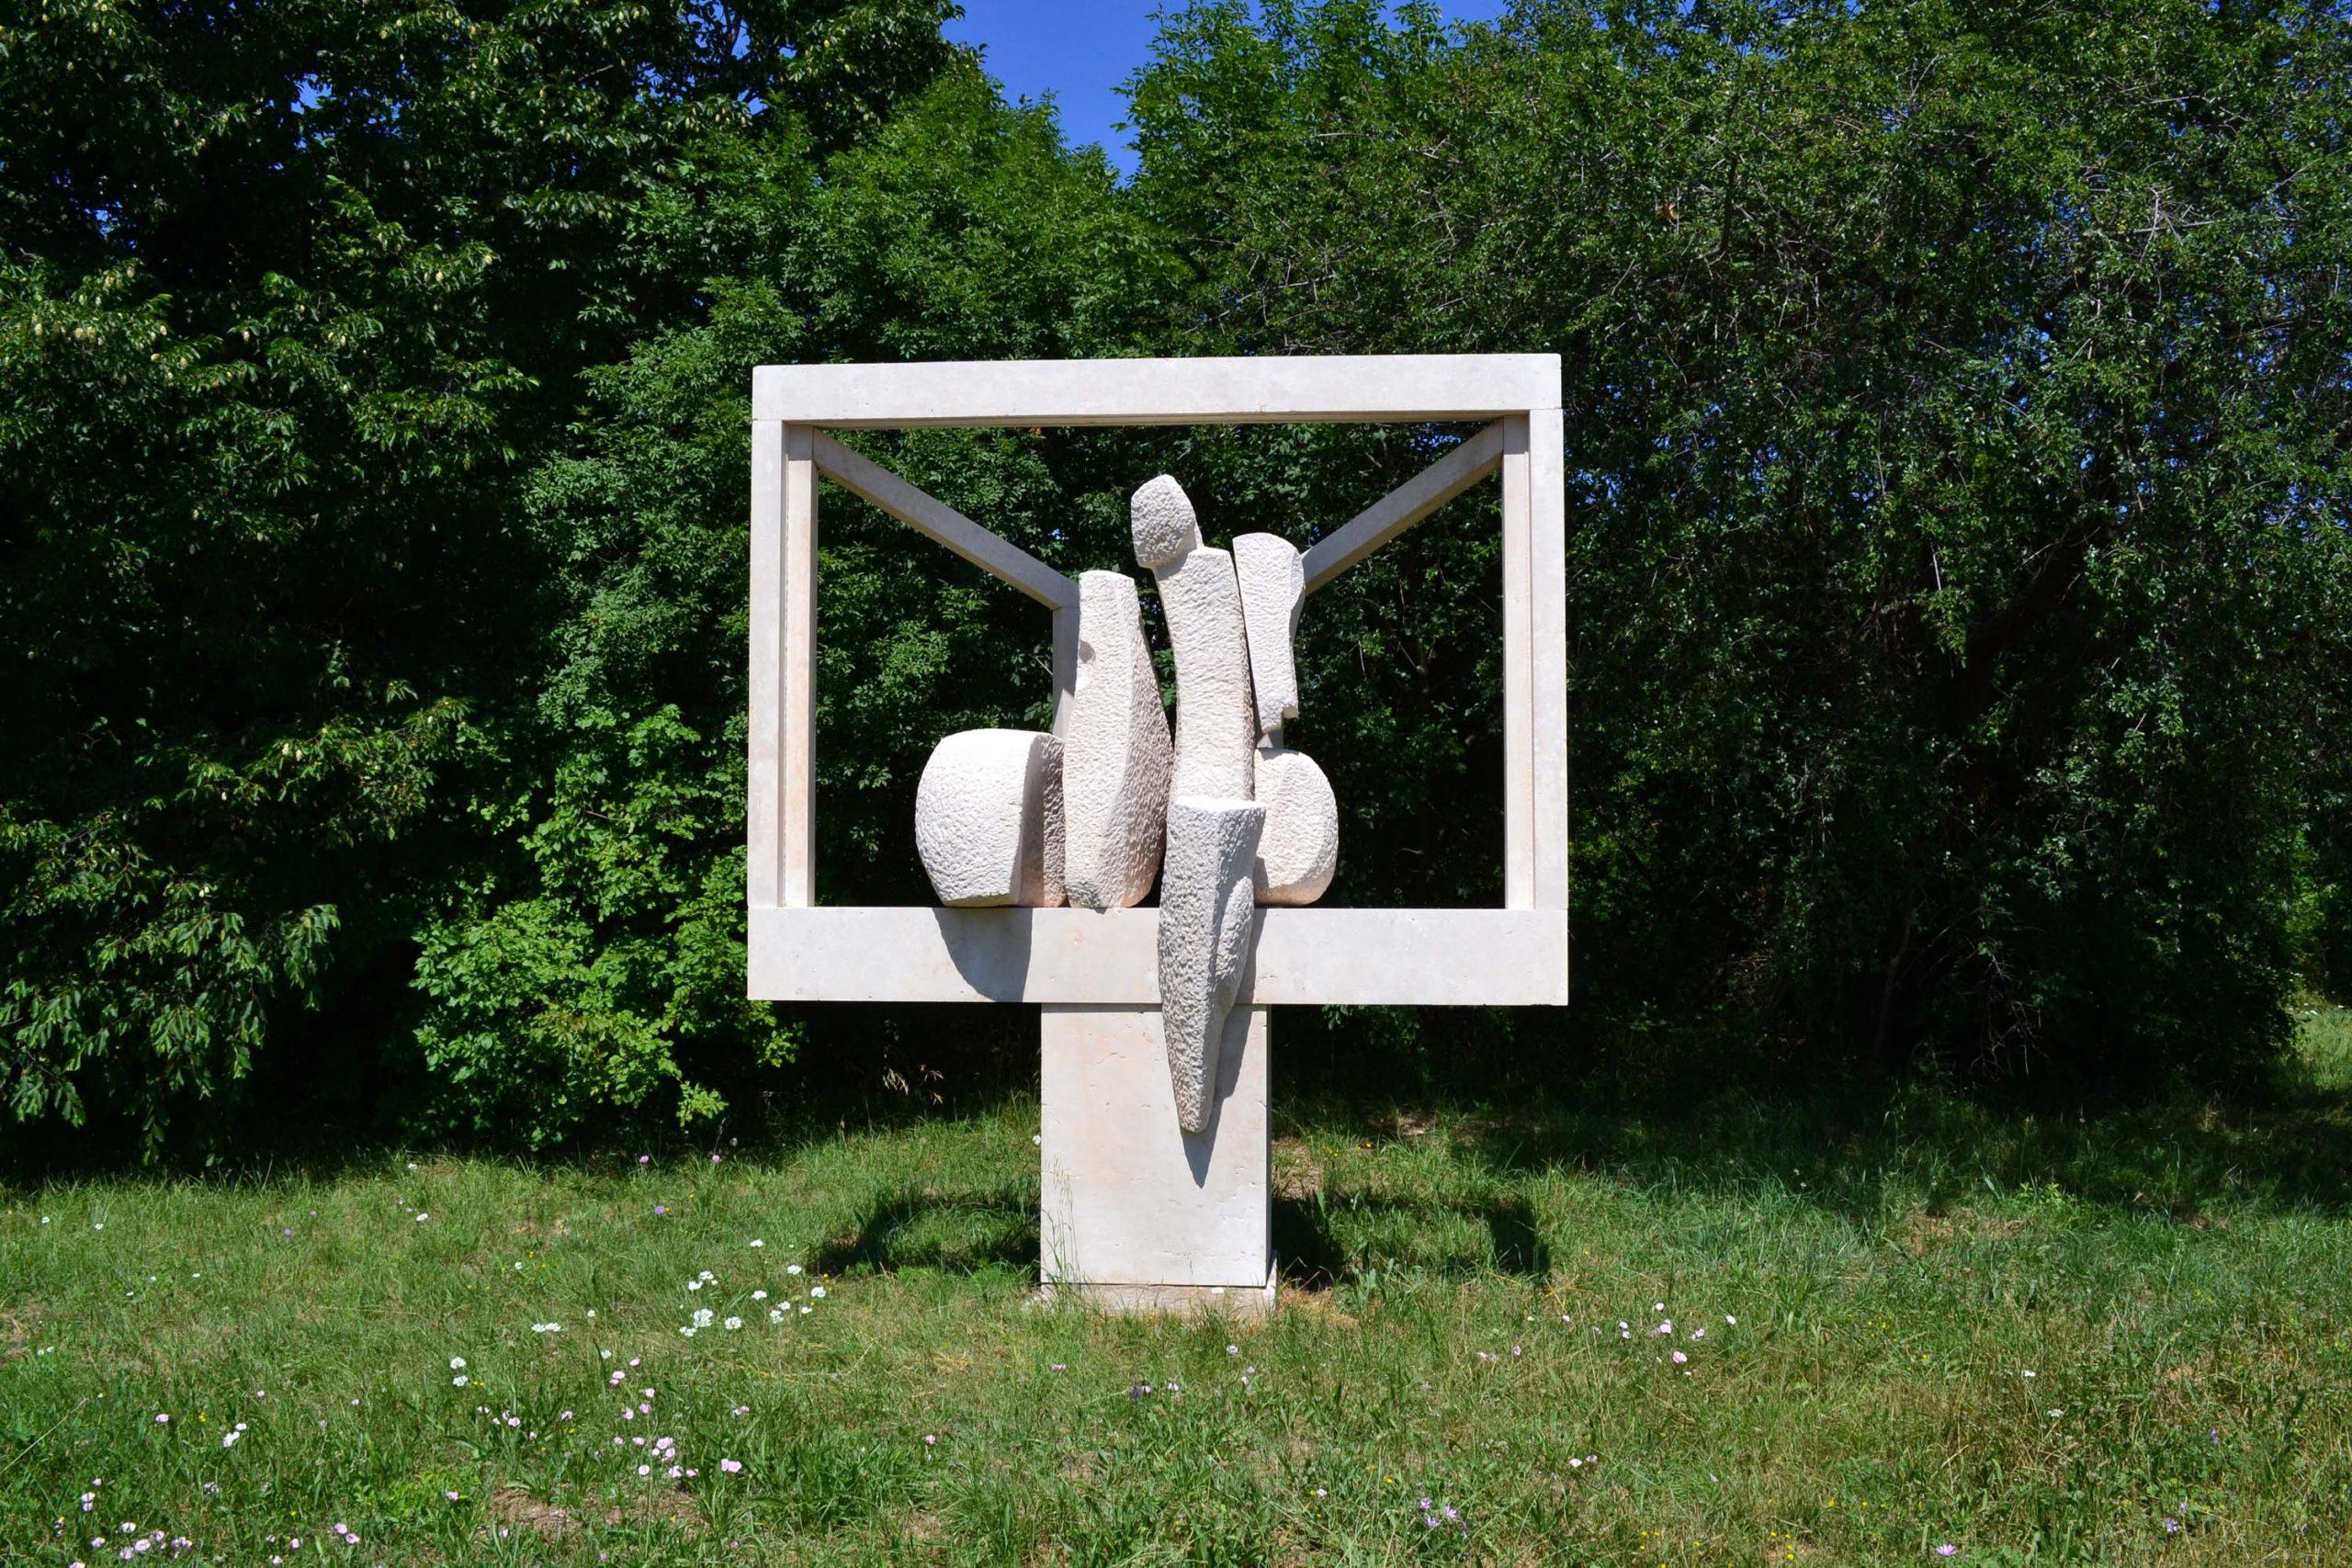 Jasna Bogdanović, Waiting, 1990